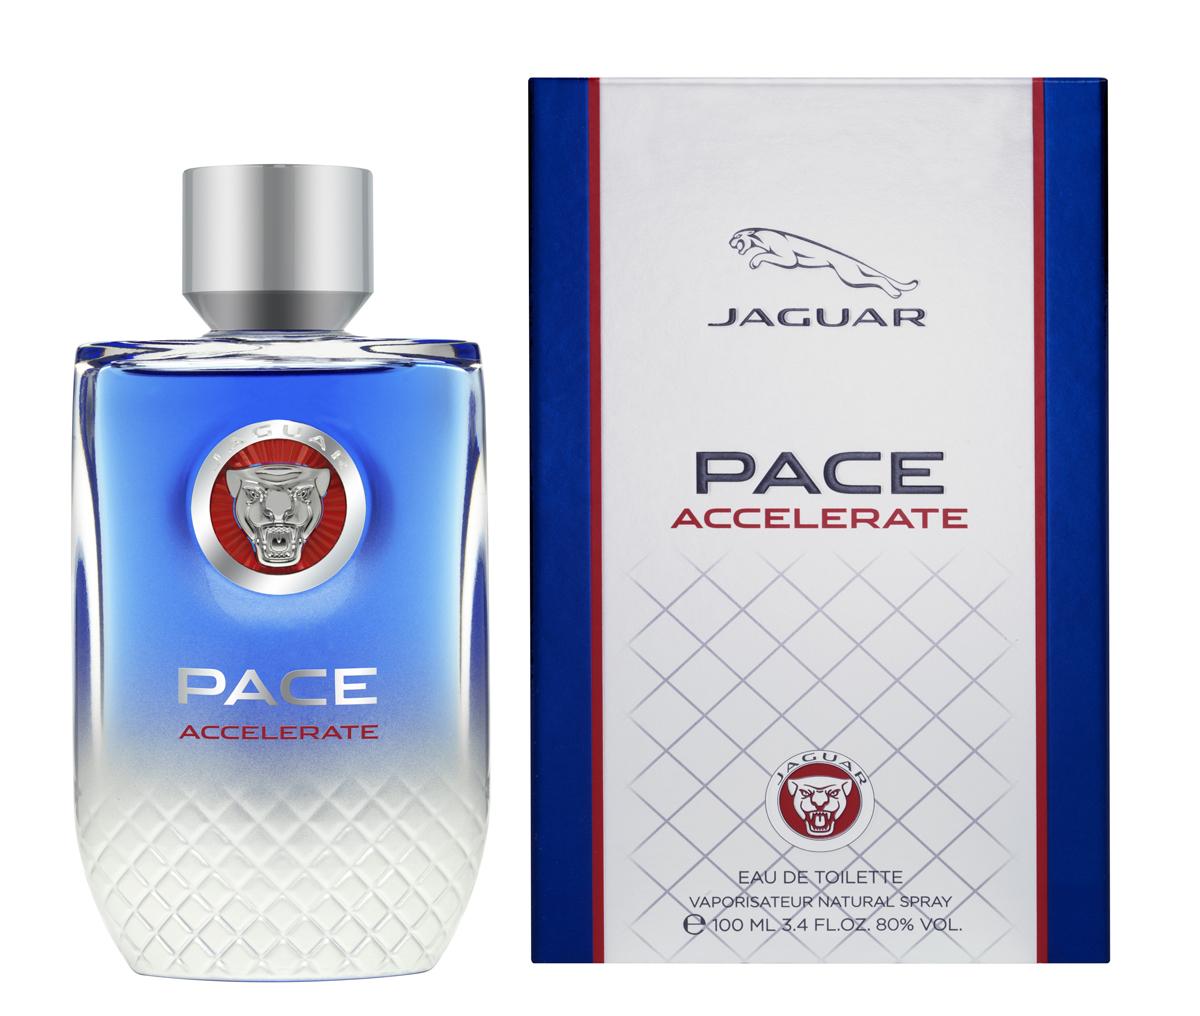 pace accelerate jaguar cologne a new fragrance for men 2017. Black Bedroom Furniture Sets. Home Design Ideas